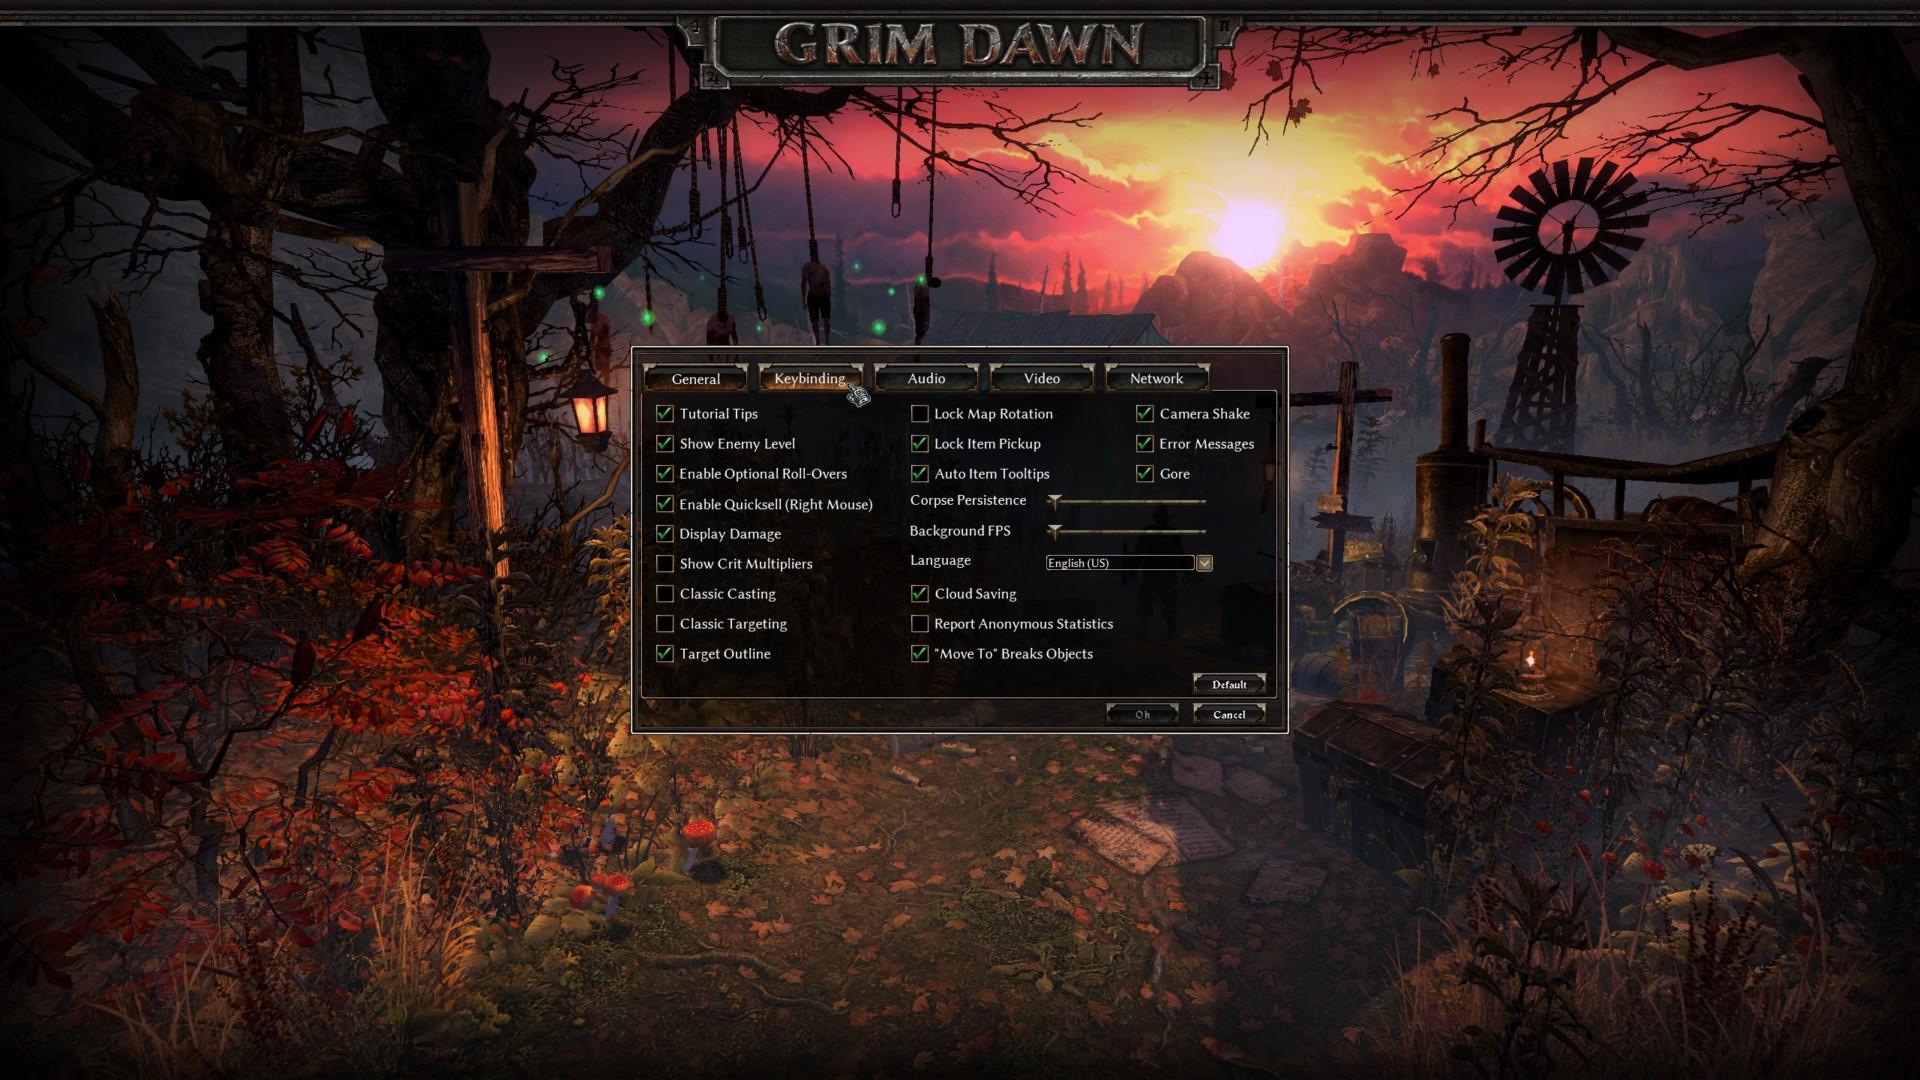 grim-dawn-general